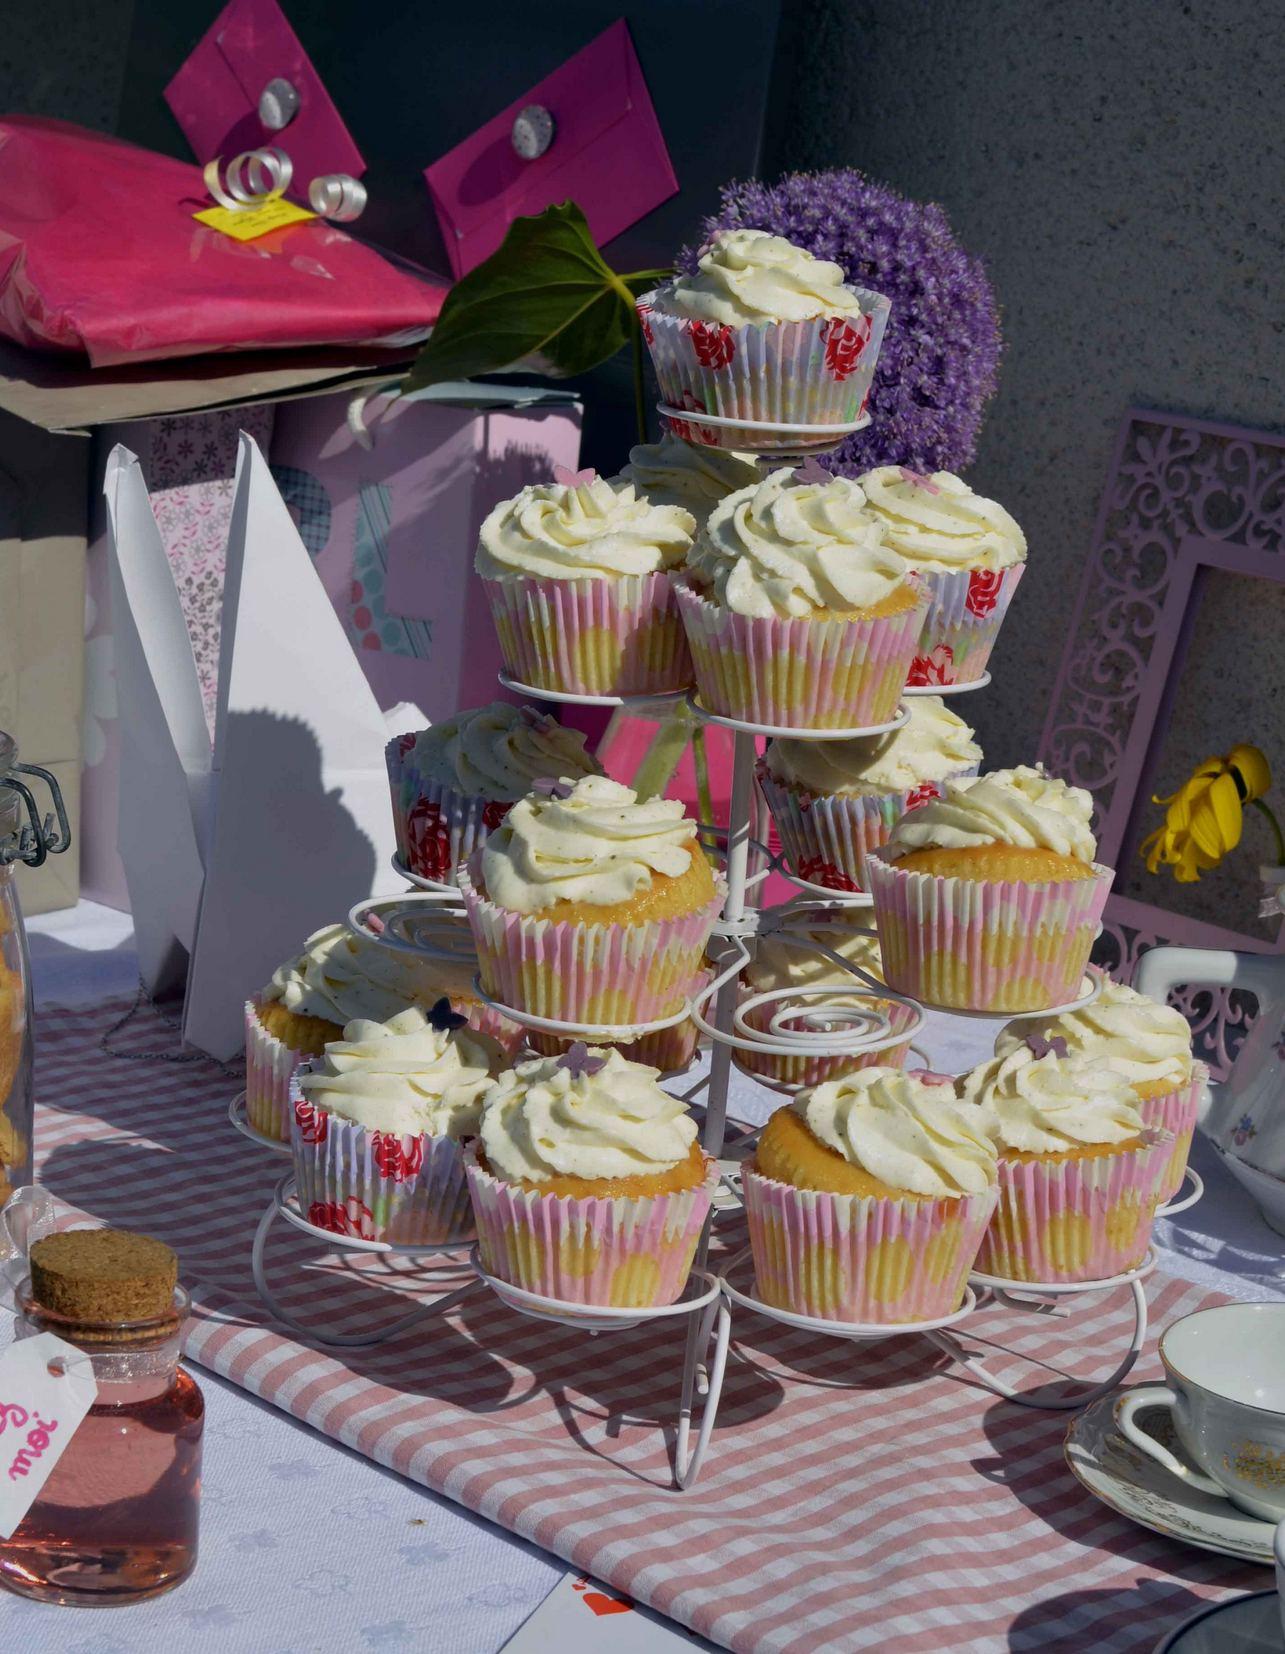 Gateau Alice Aux Pays Des Merveilles à sweet table - baby shower - thème alice au pays des merveilles